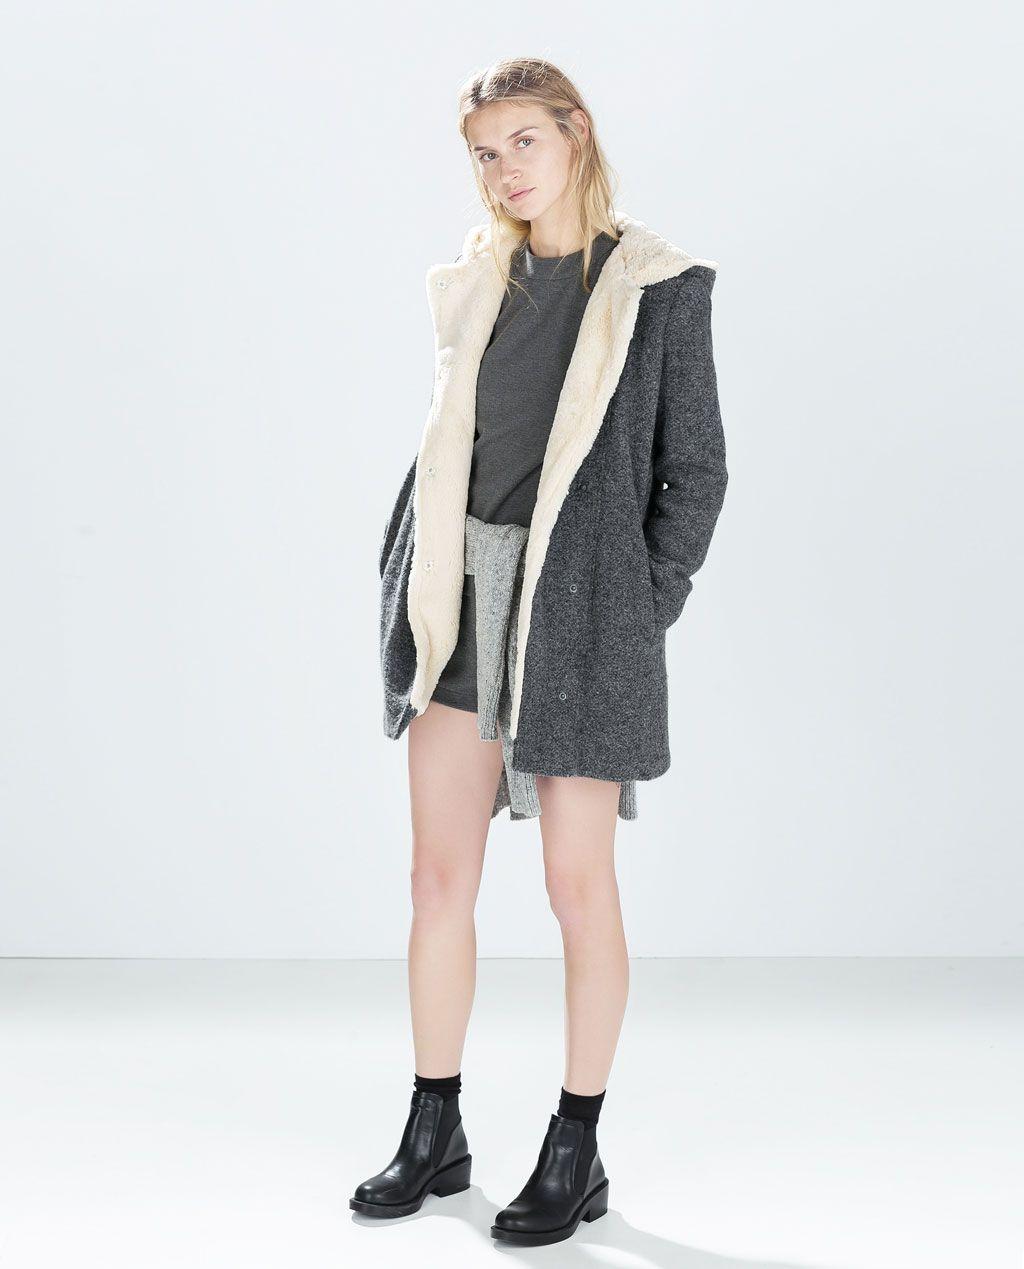 Acheter Acheter Acheter Femme Trois Veste Zara Fourrée Quarts Choses Choses Choses Choses À P47w0q